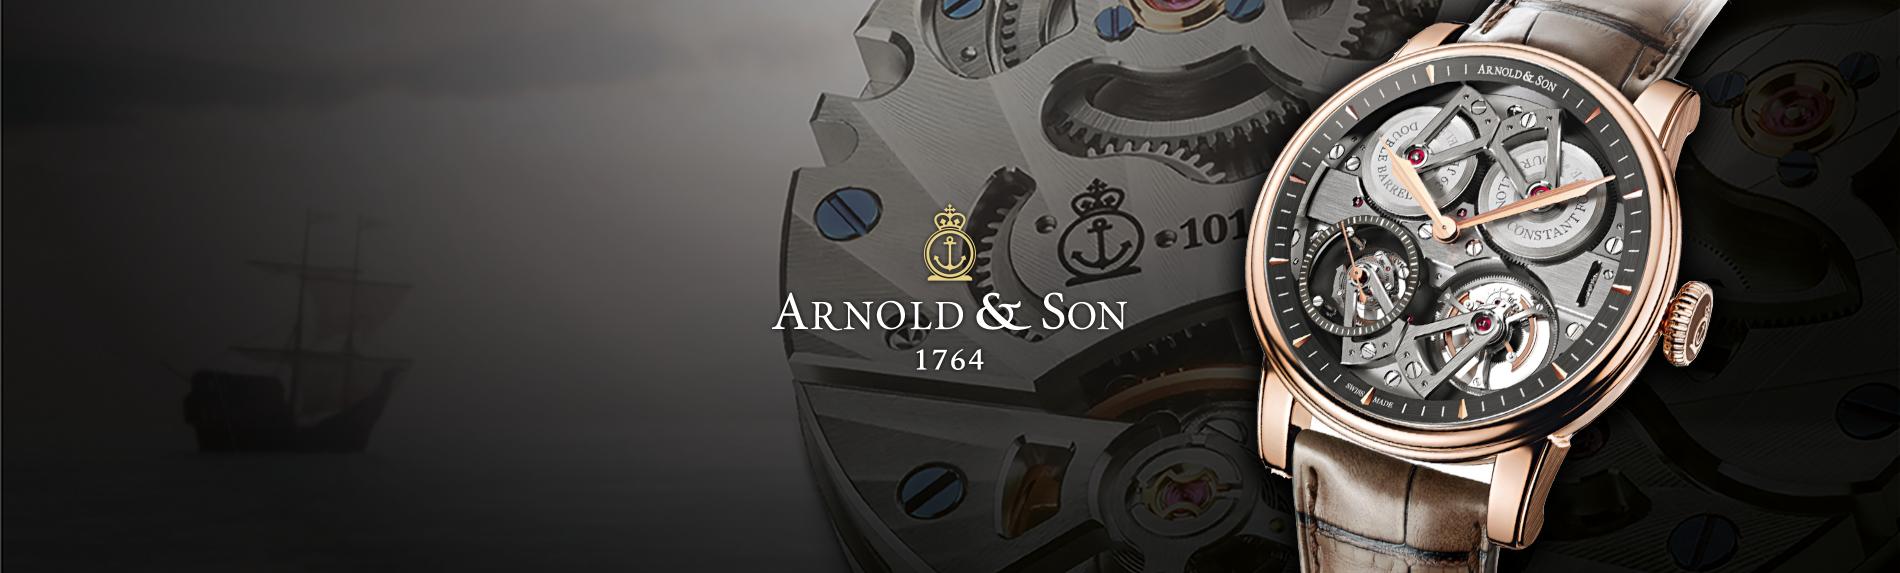 Arnold&Son